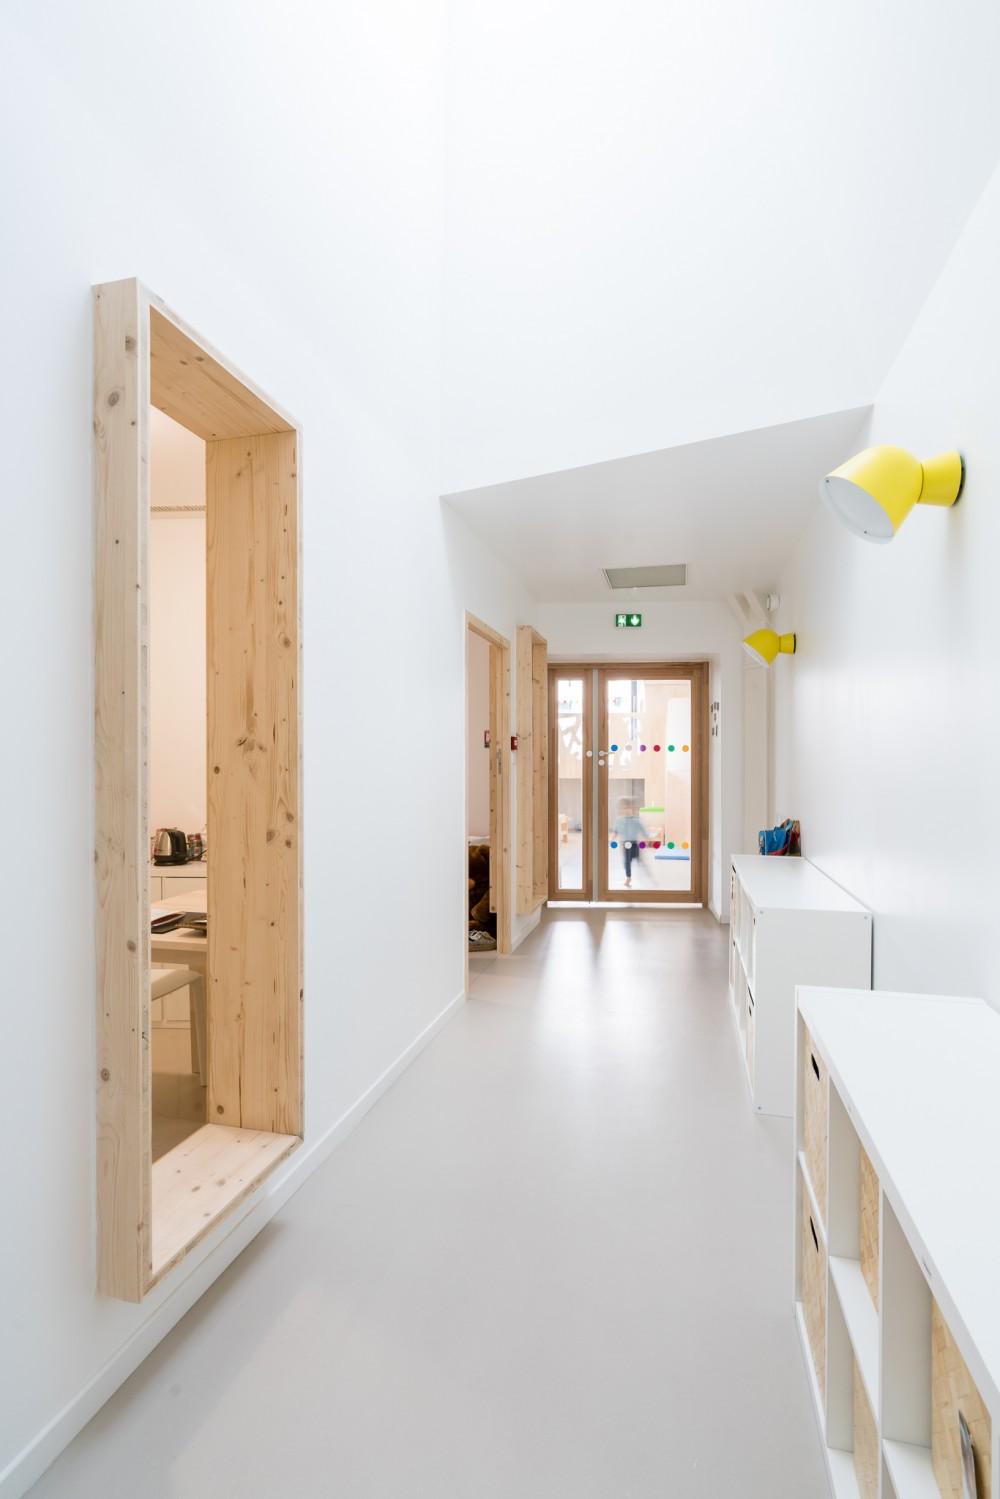 Photographe-Architecture-Interieur-Croix-Seguey-Bordeaux-Fabre-deMarien-Architectes-2